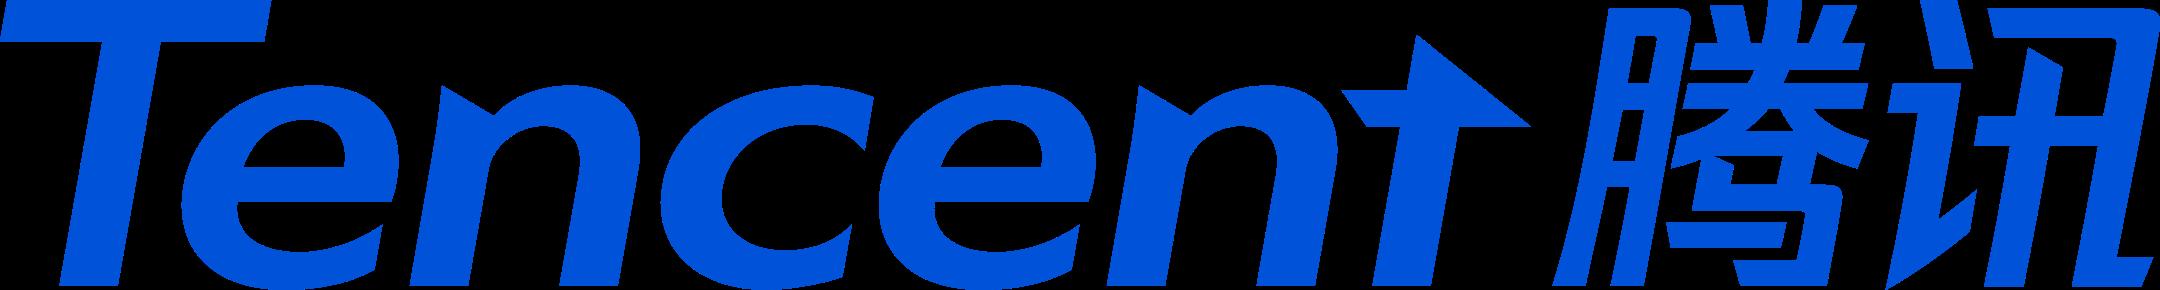 tencent logo 1 - Tencent Logo